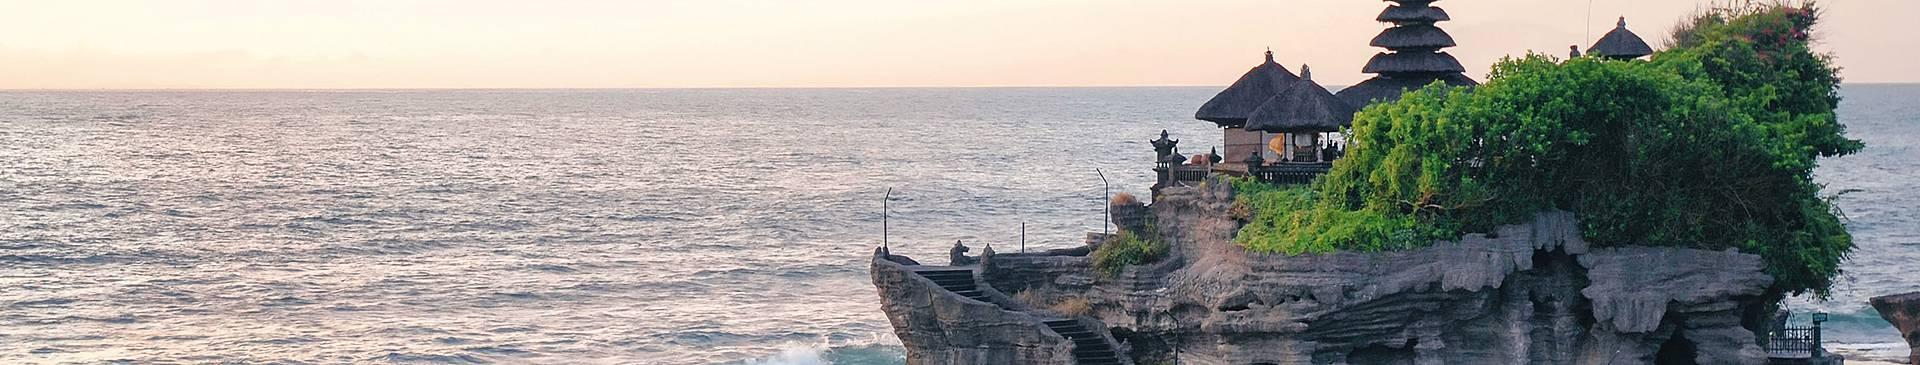 Découverte des îles de Bali